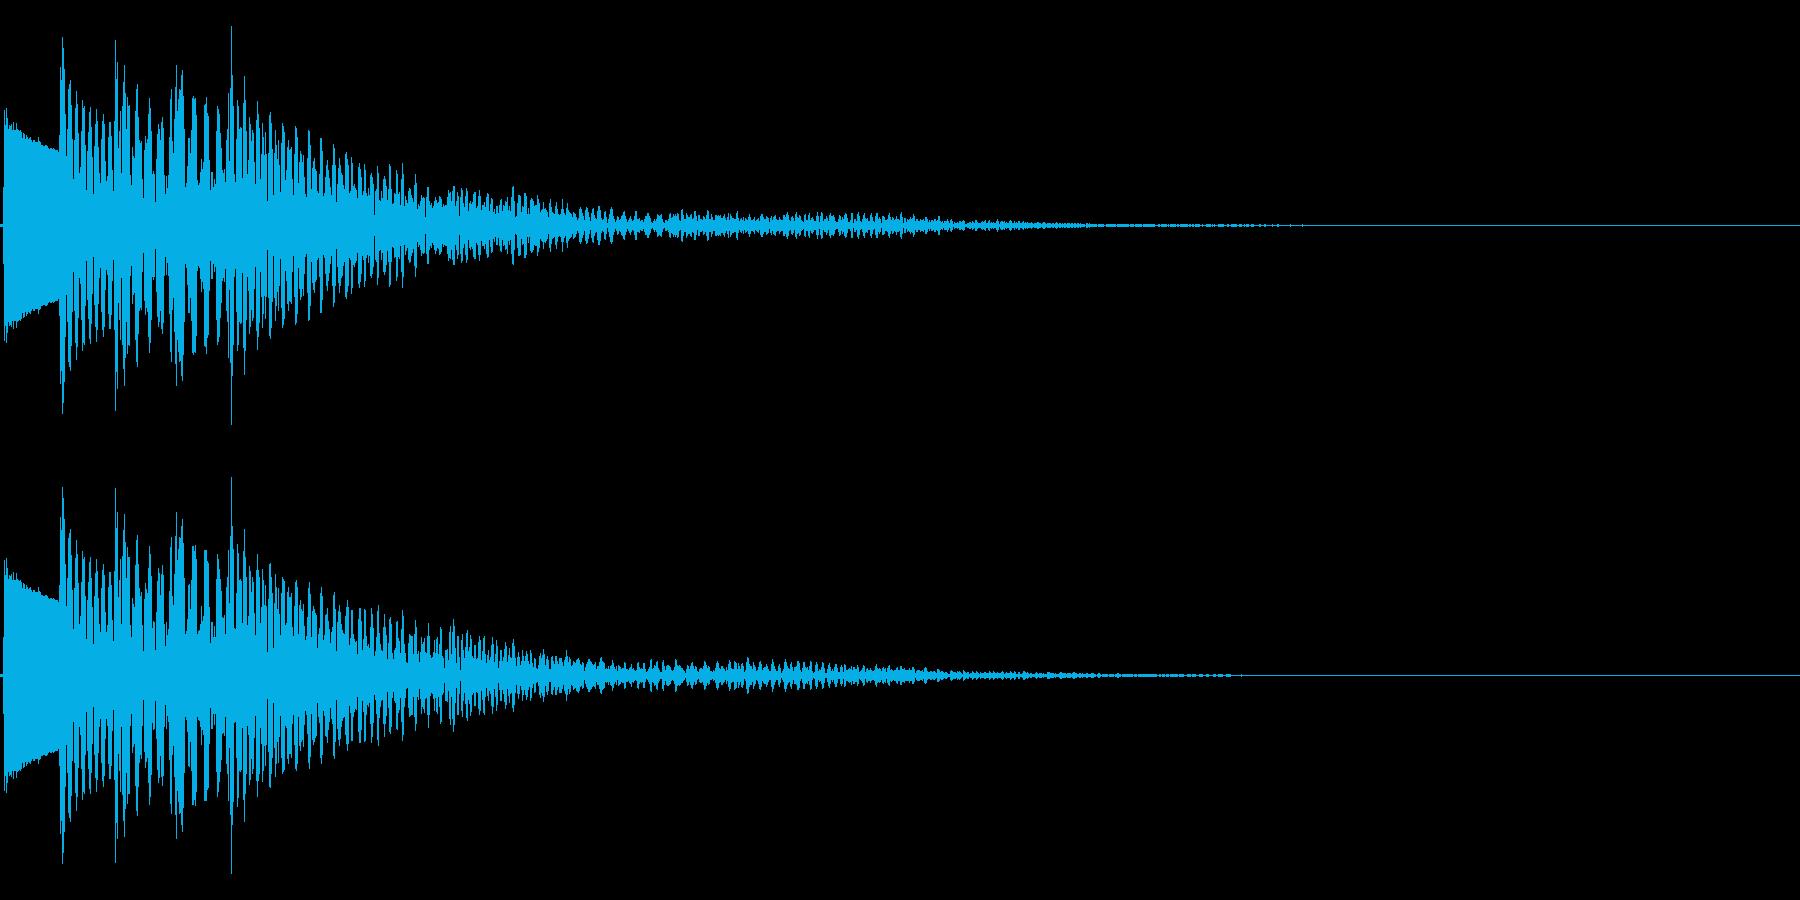 木琴(マリンバ、カリンバ)のような音で…の再生済みの波形